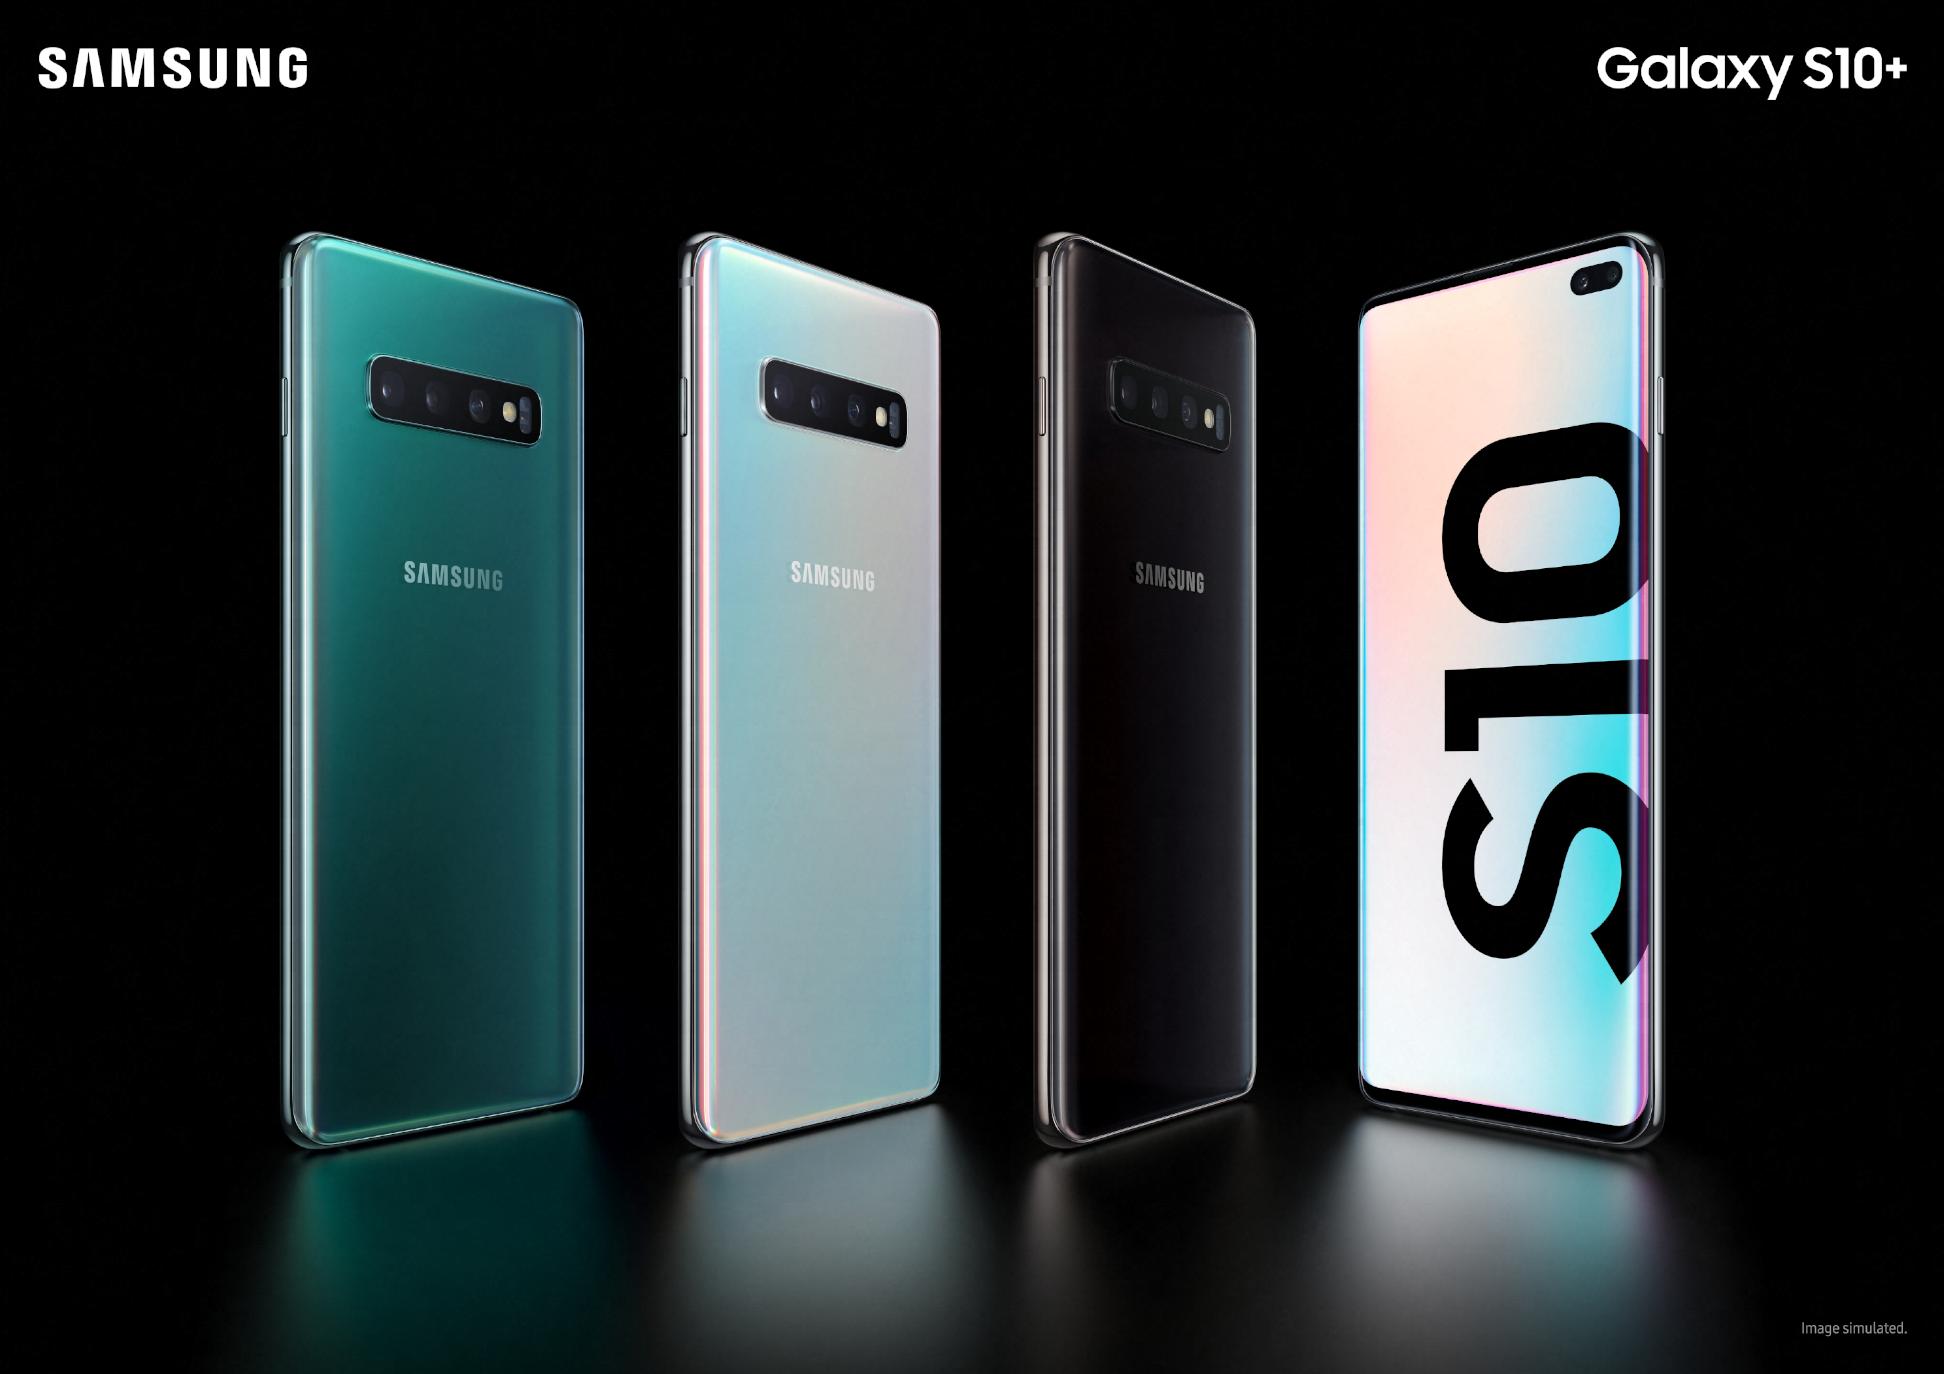 SFR_SFR-Samsung-Galaxy-S10-disponible-en-precommande-chez-sfr_21022019_BLOG-Samsung-Galaxy-002.png